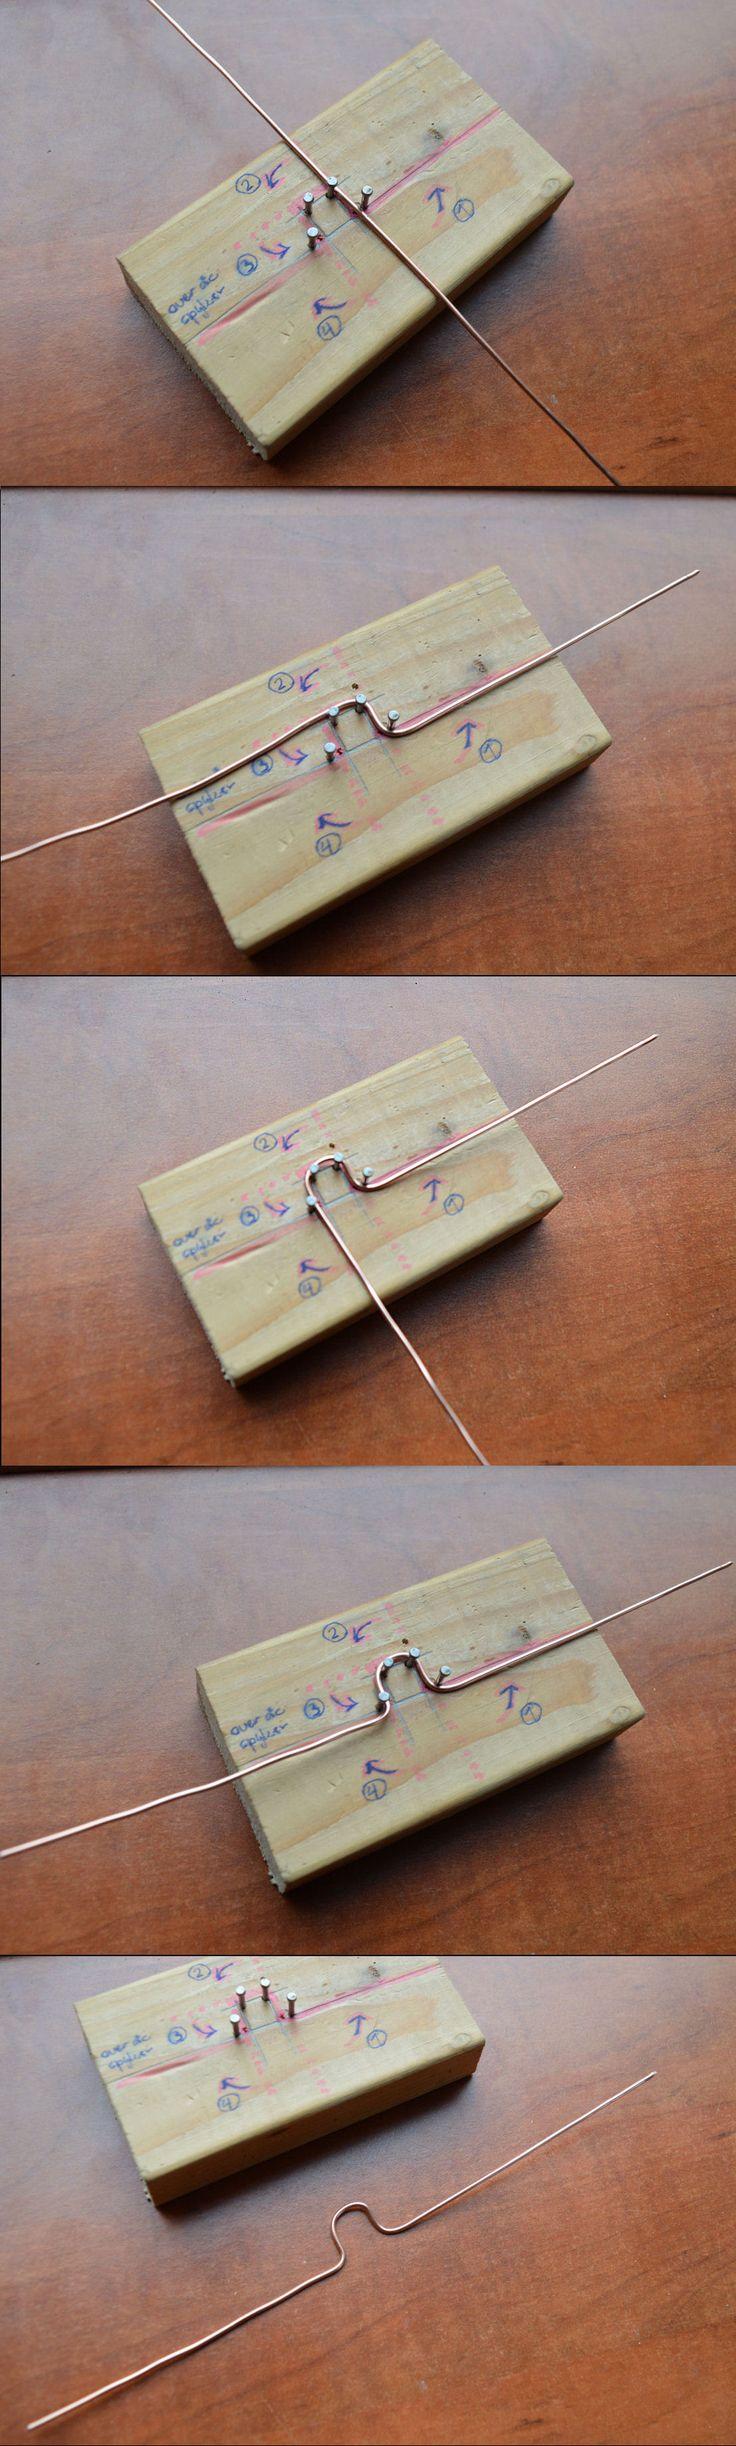 Sinterklaas krukas pietje buigsjabloon. Met dit hulpmiddel kunnen de kinderen in de klas zelf een krukas buigen. knutselen op school. Ben Smits